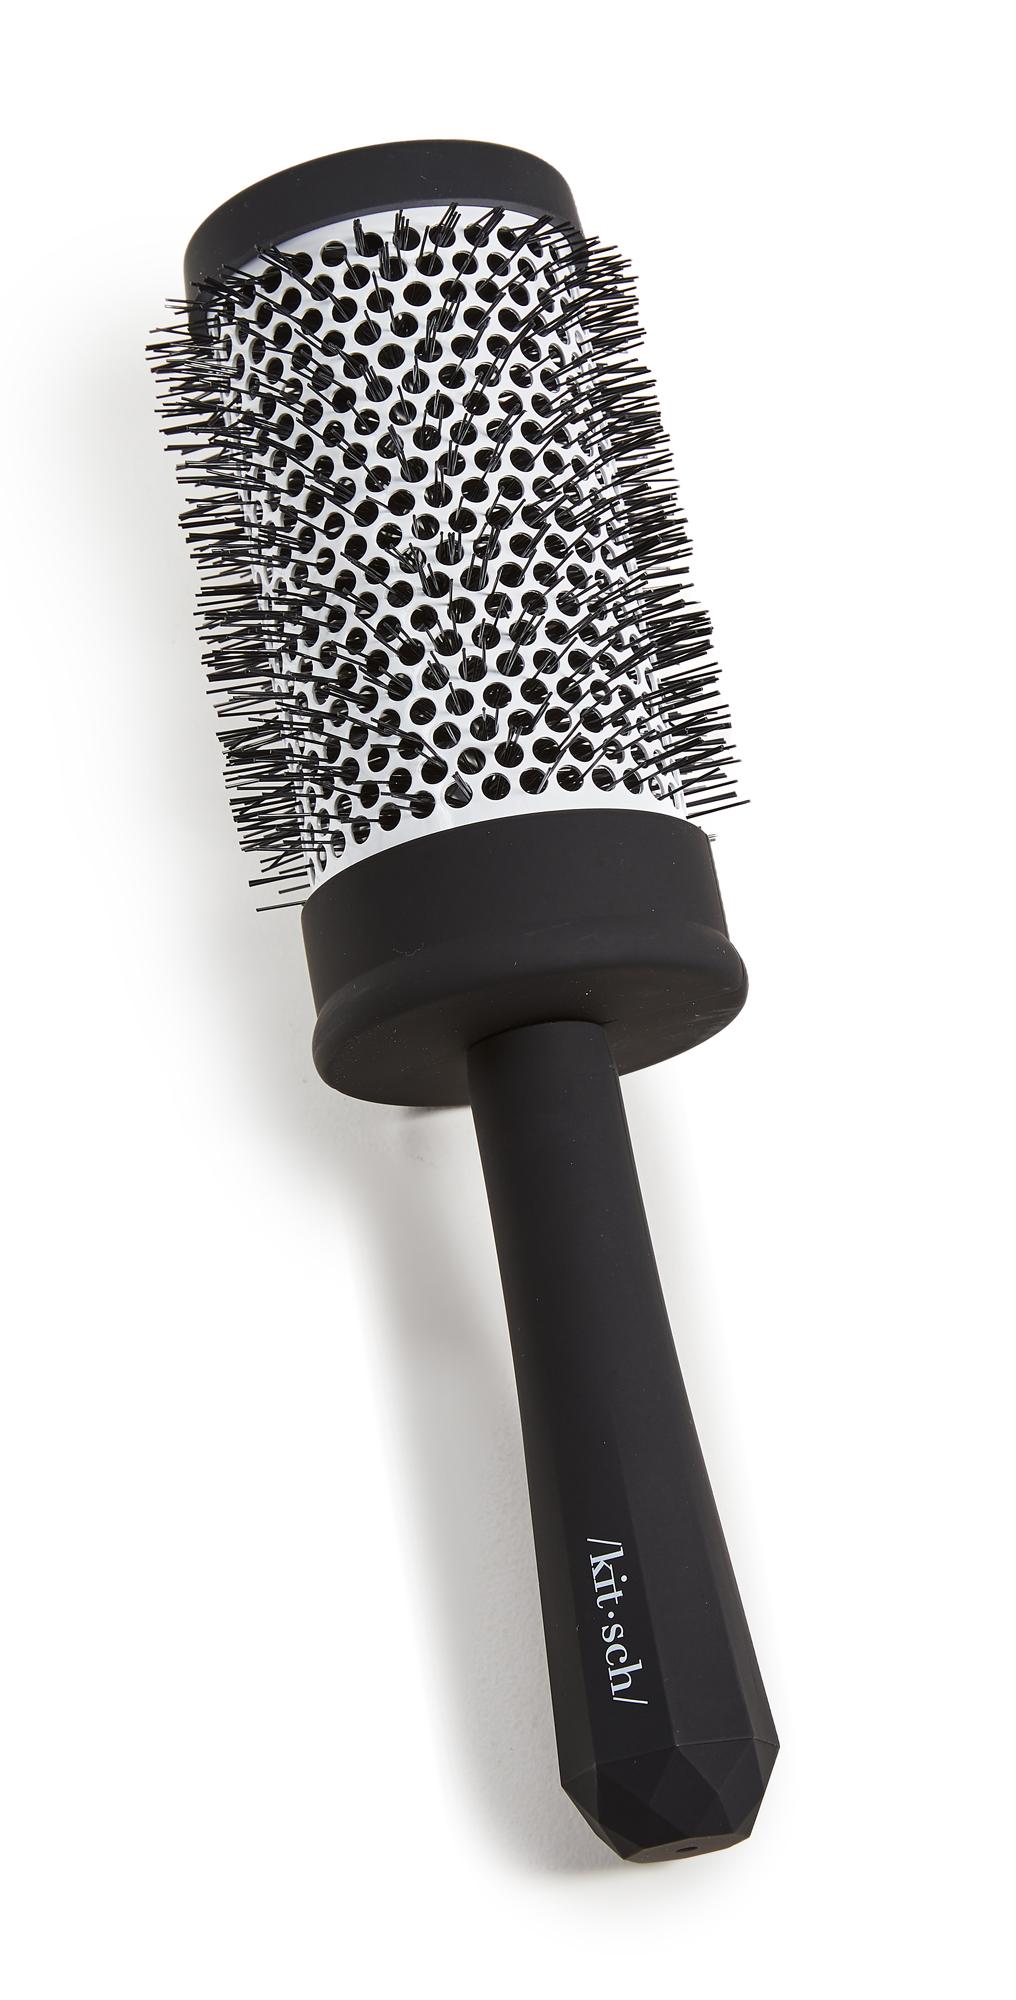 Kitsch Volumizing Round Blow Dry Brush